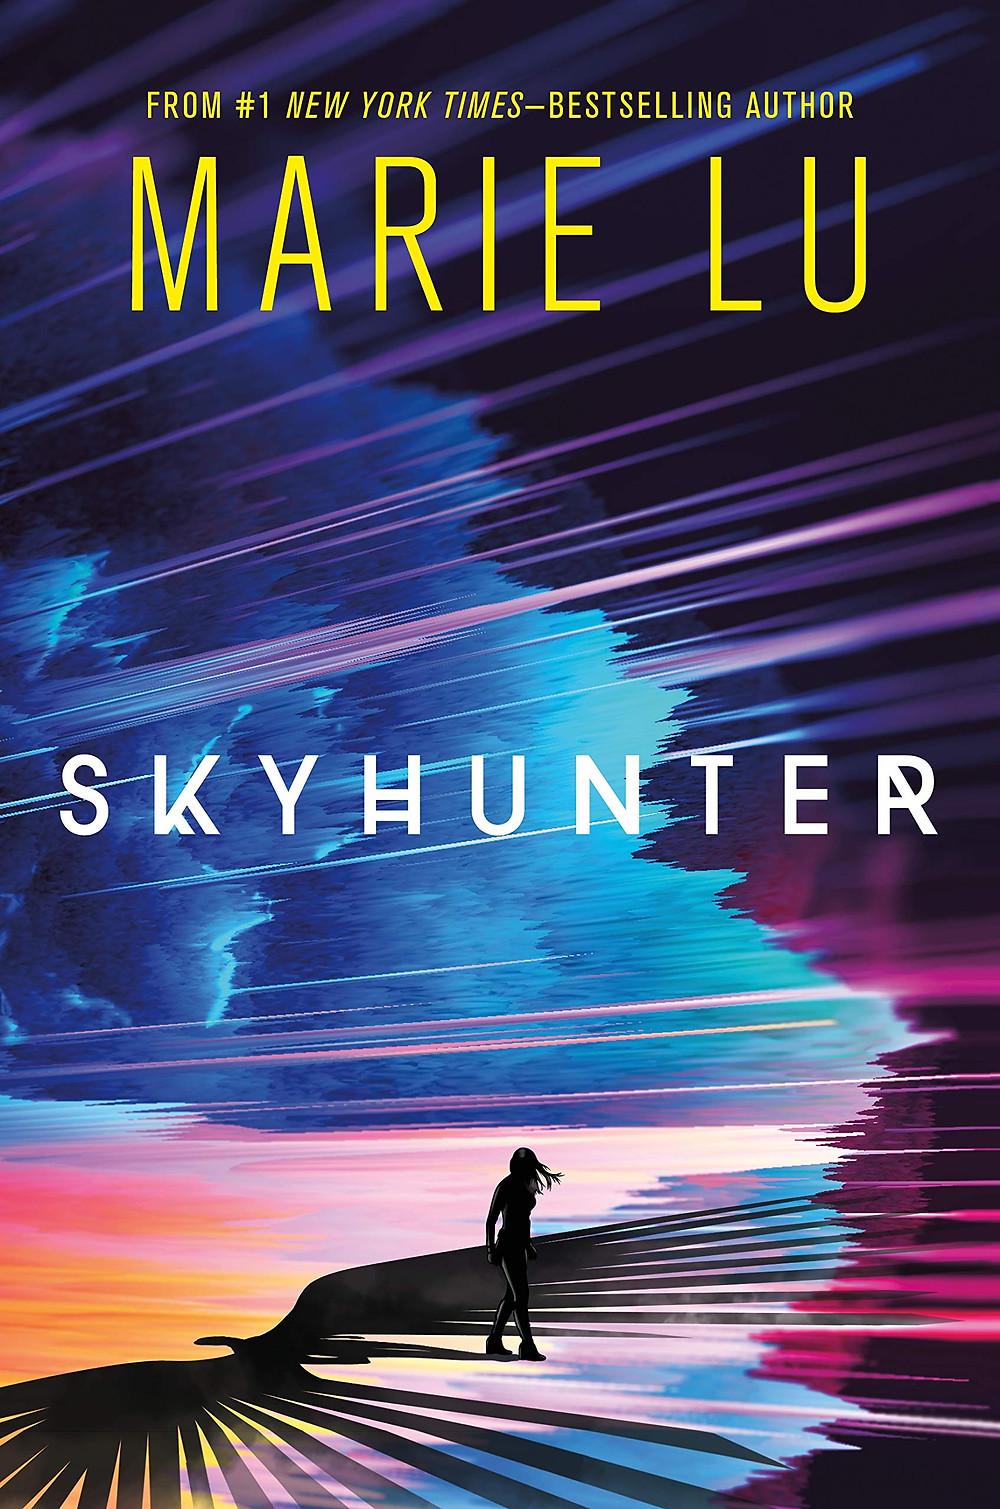 Skyhunter by Marie Lu | Top 5